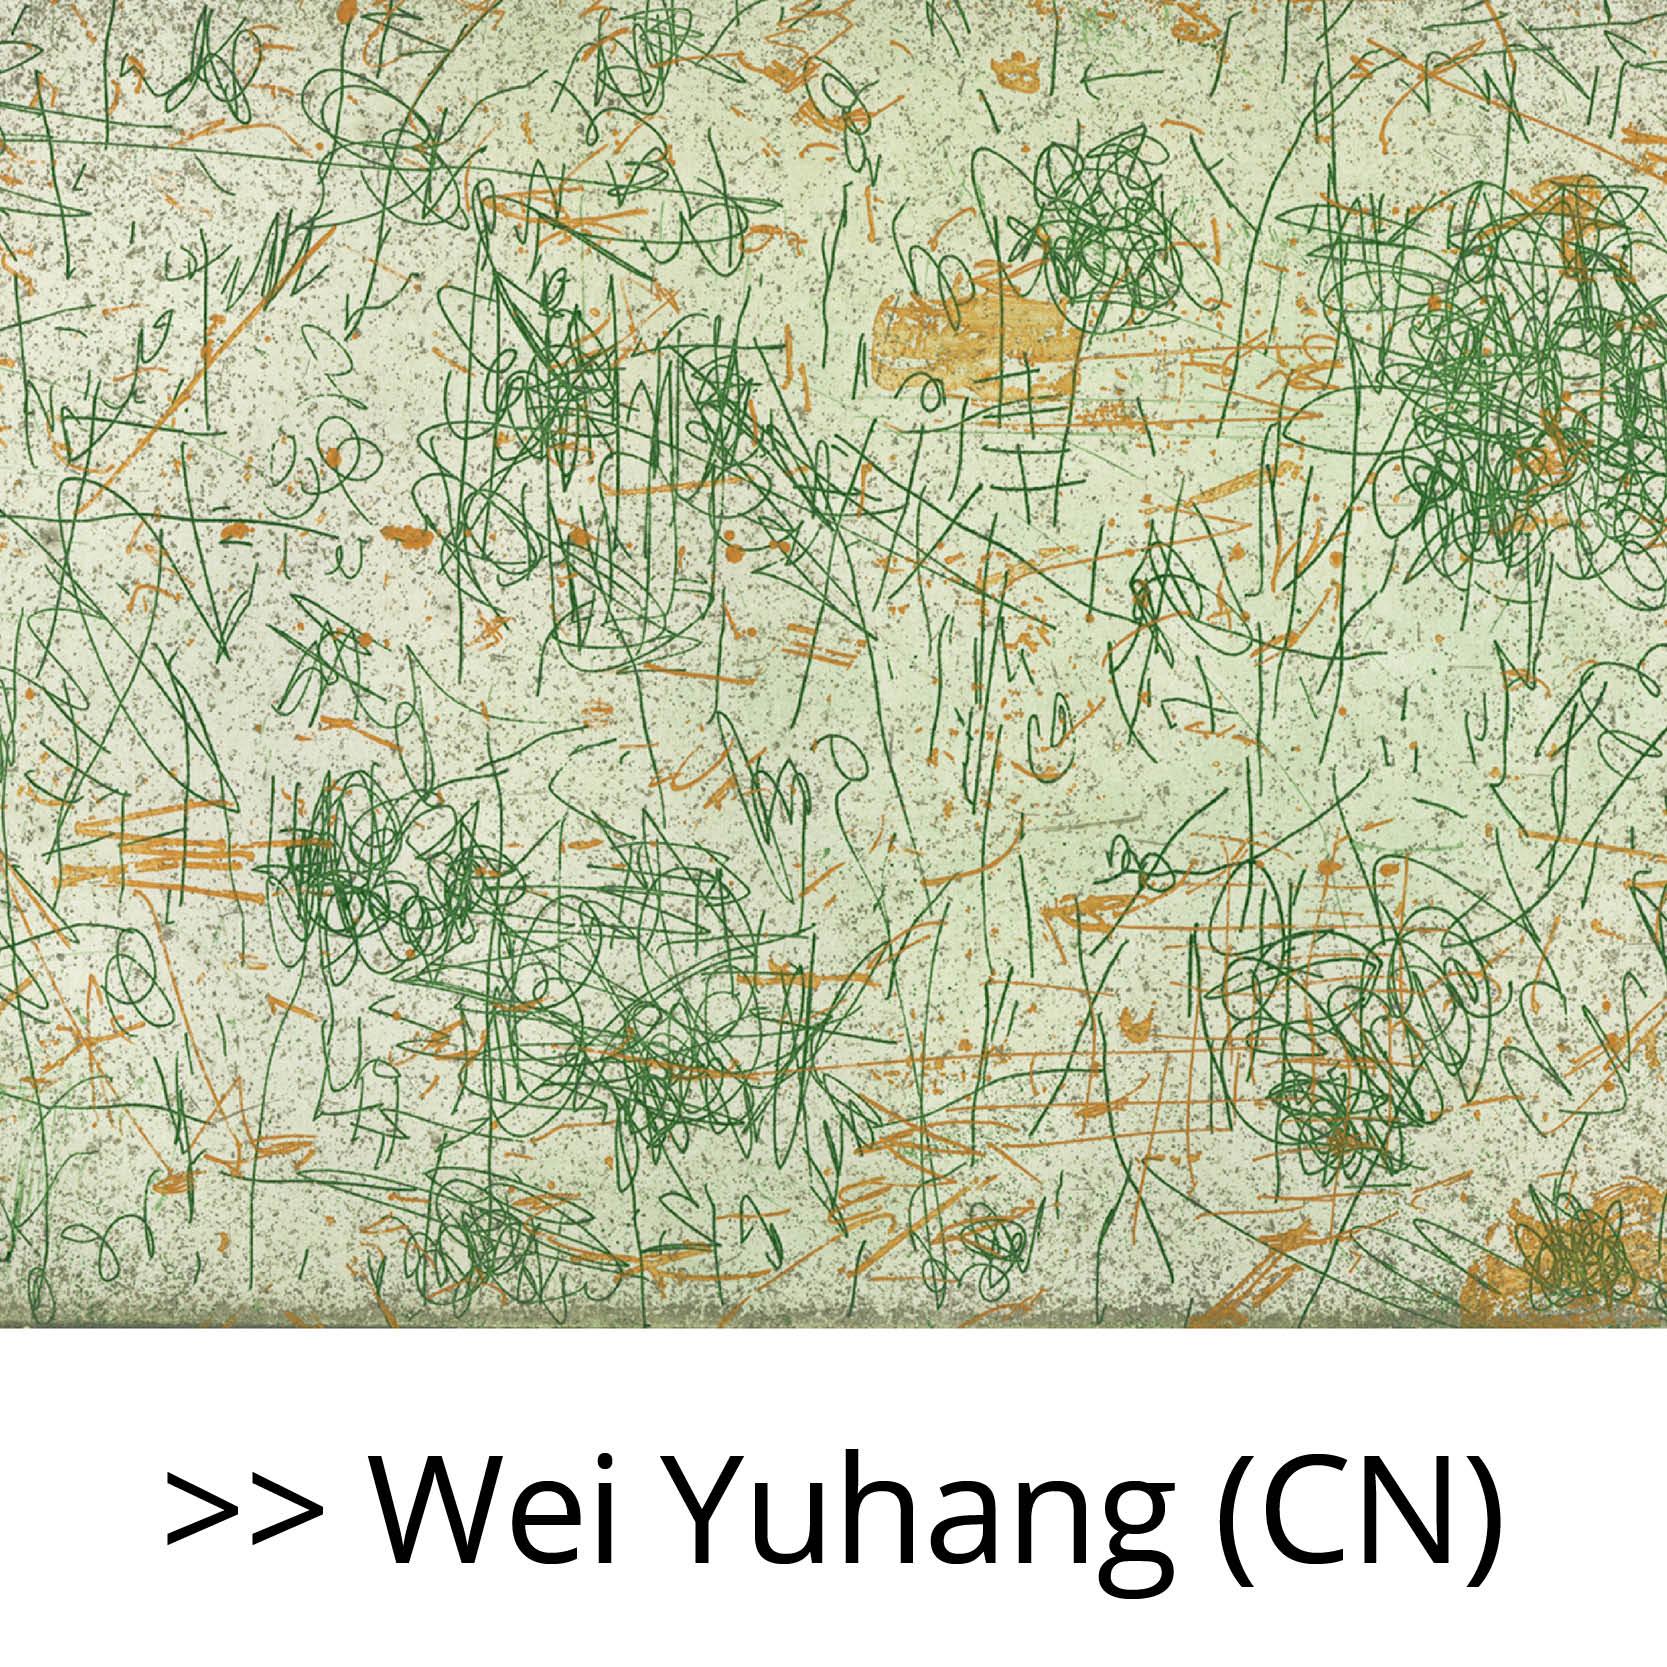 Wei_Yuhang_(CN)